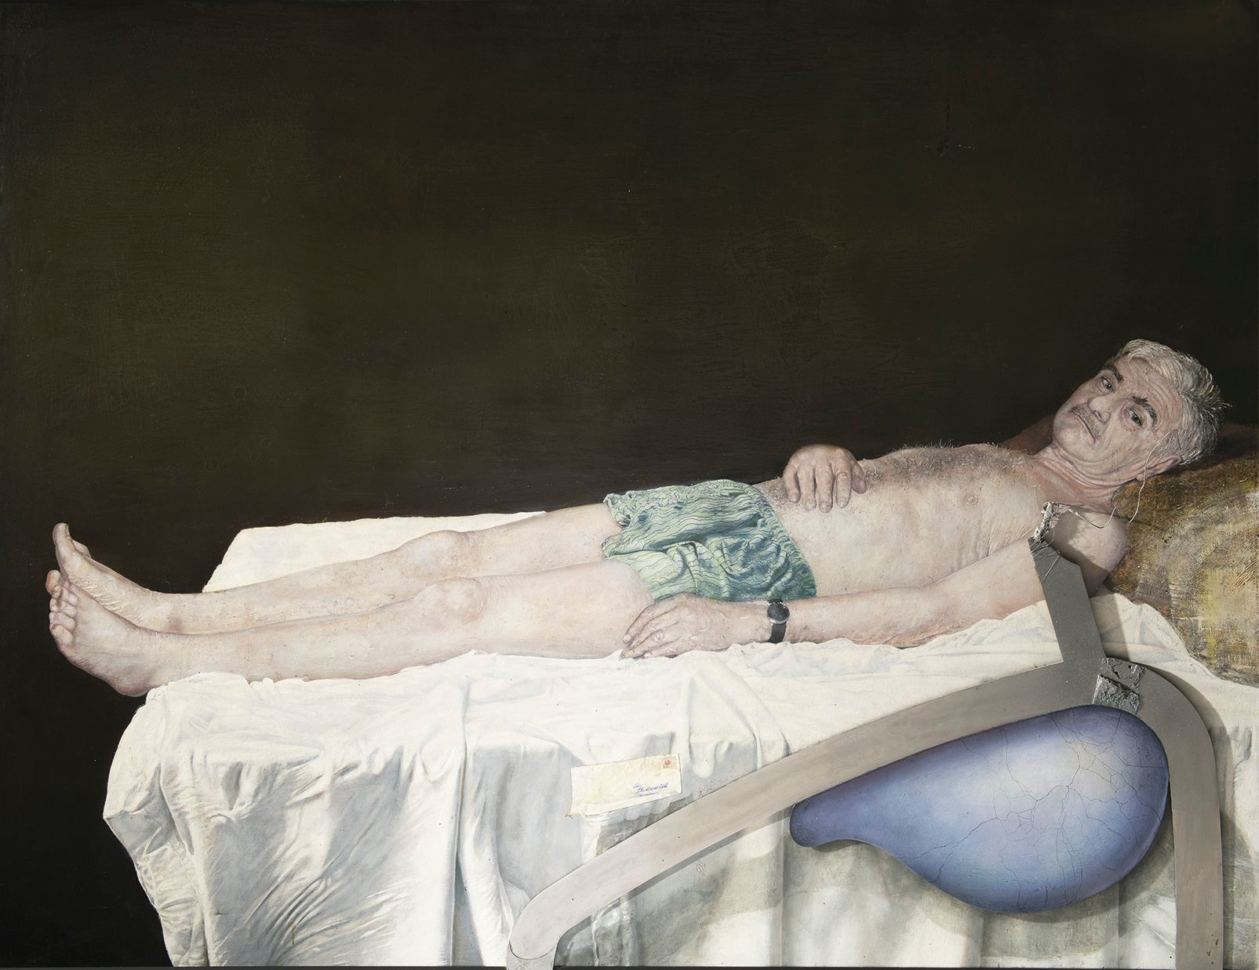 Bedřich Dlouhý, Self-Portrait III, 2008, private collection